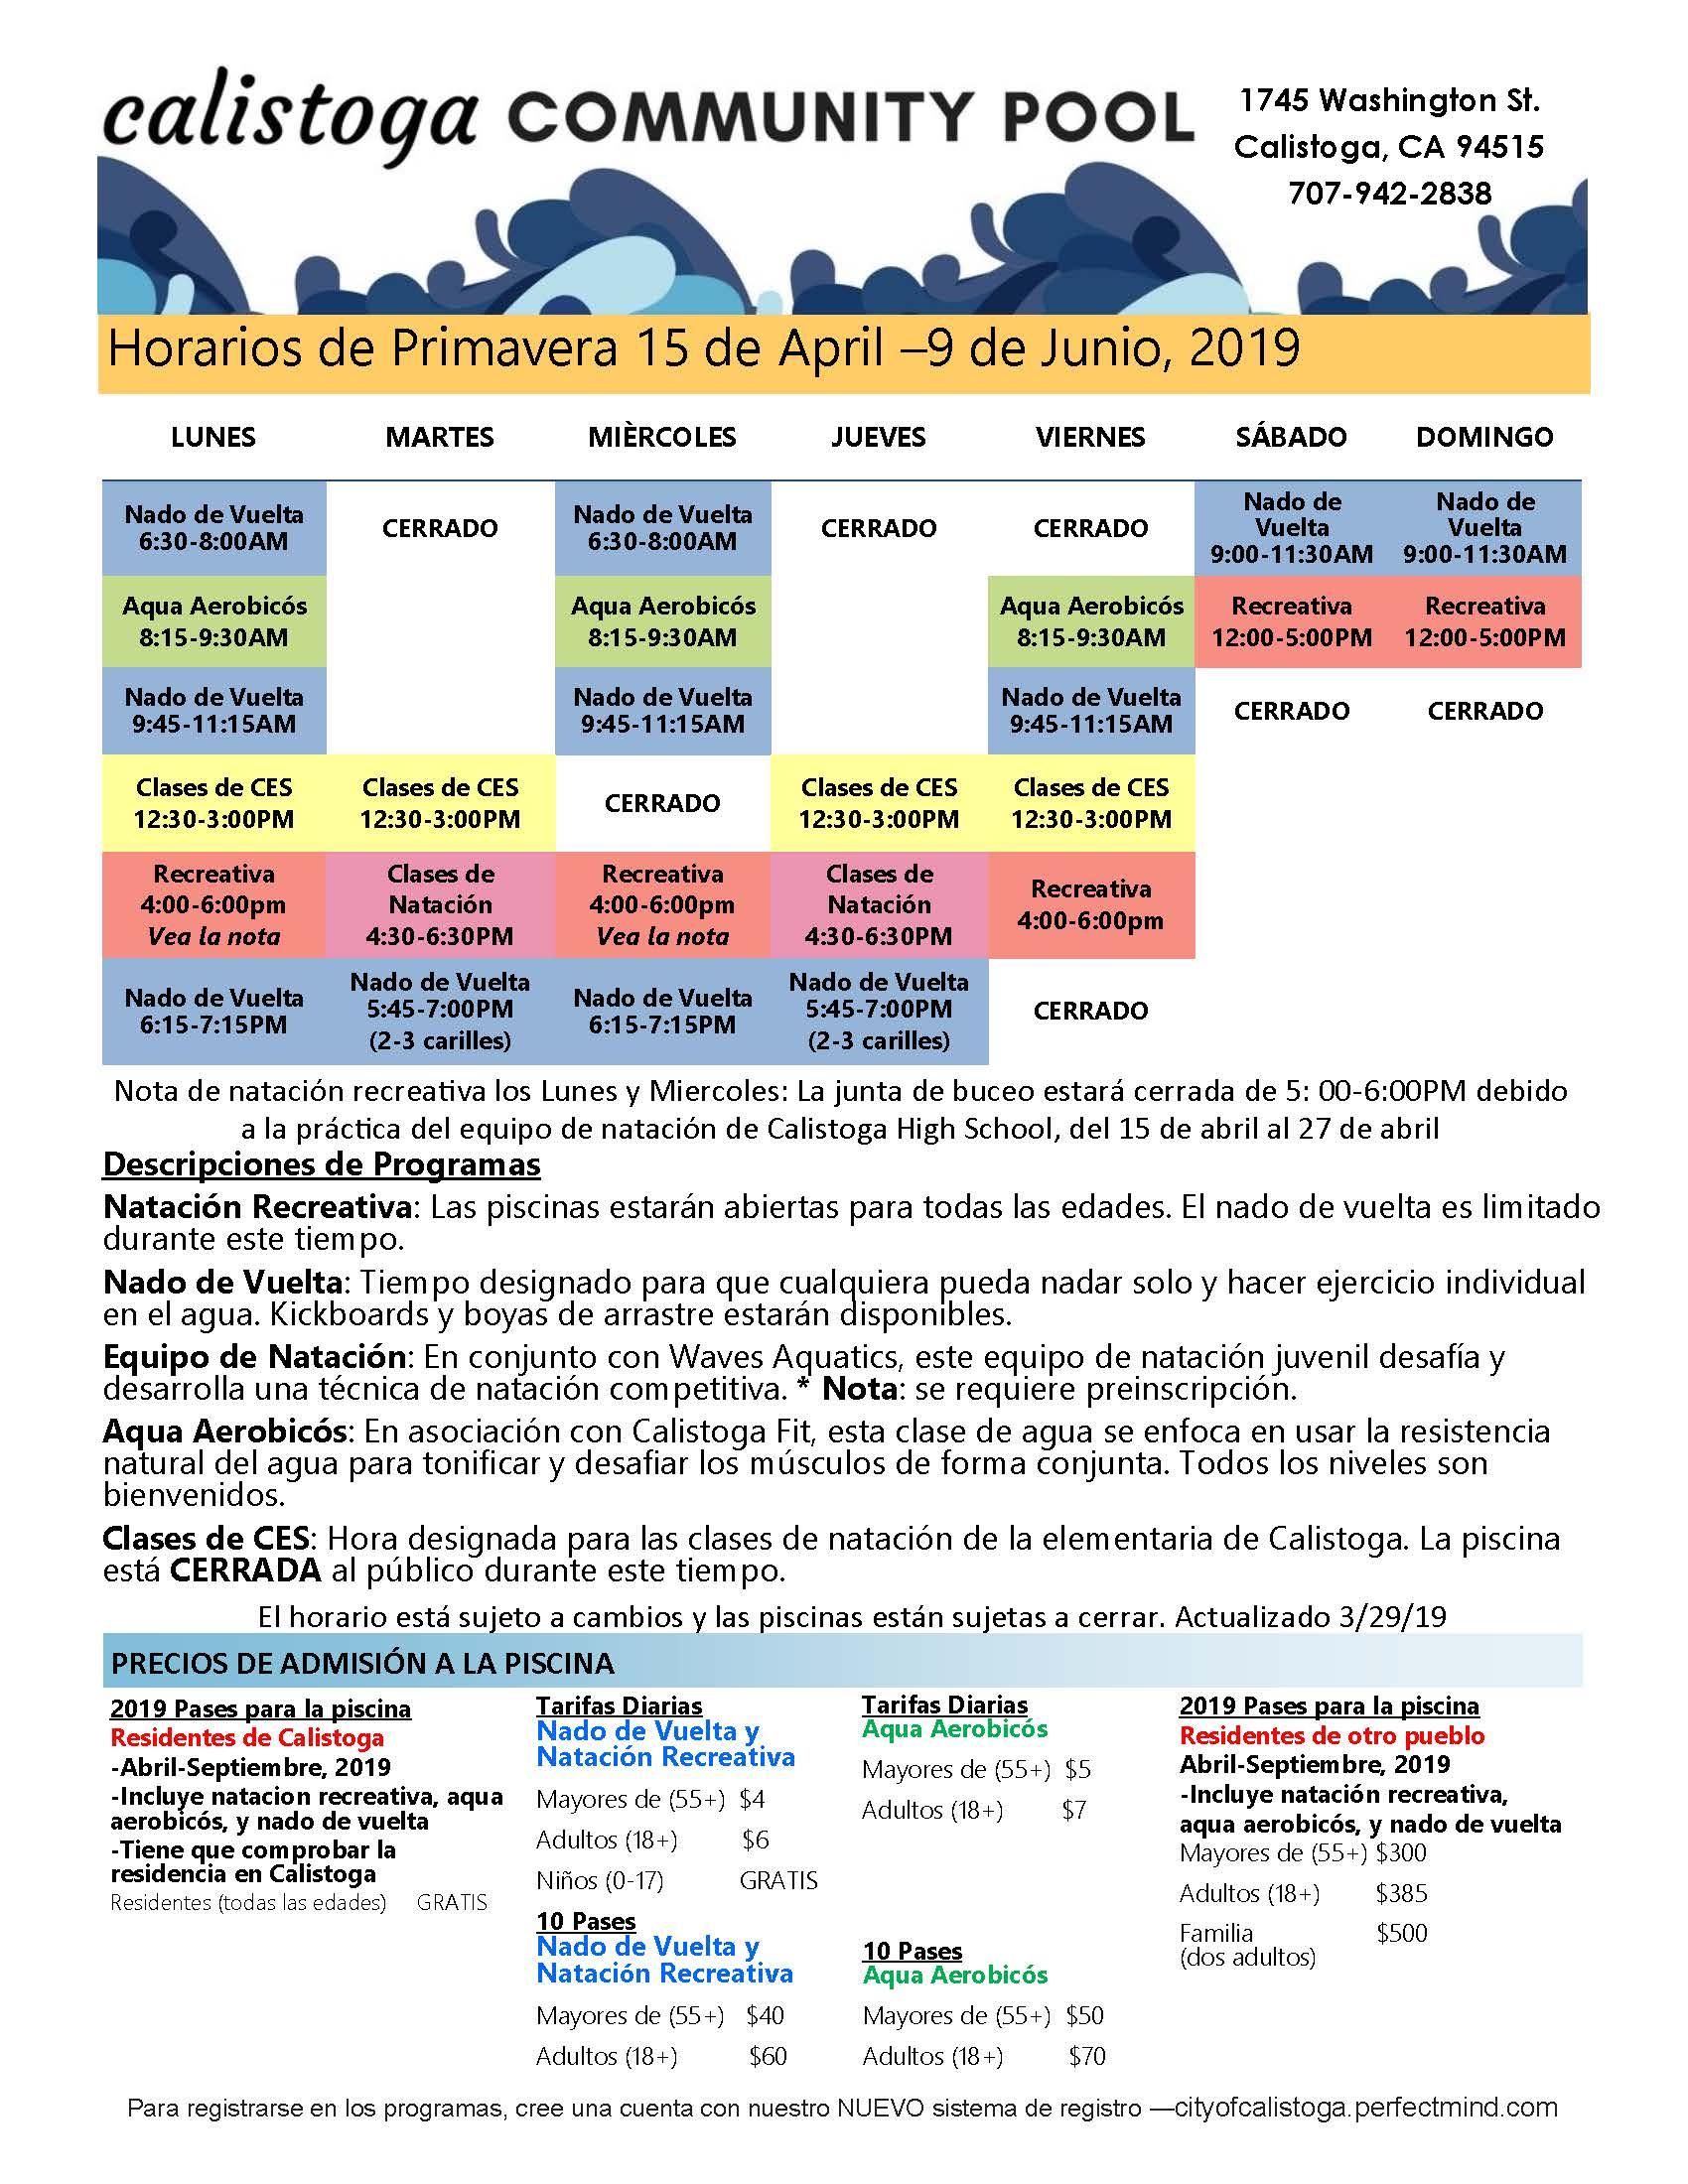 final 2019 spring schedule spanish.